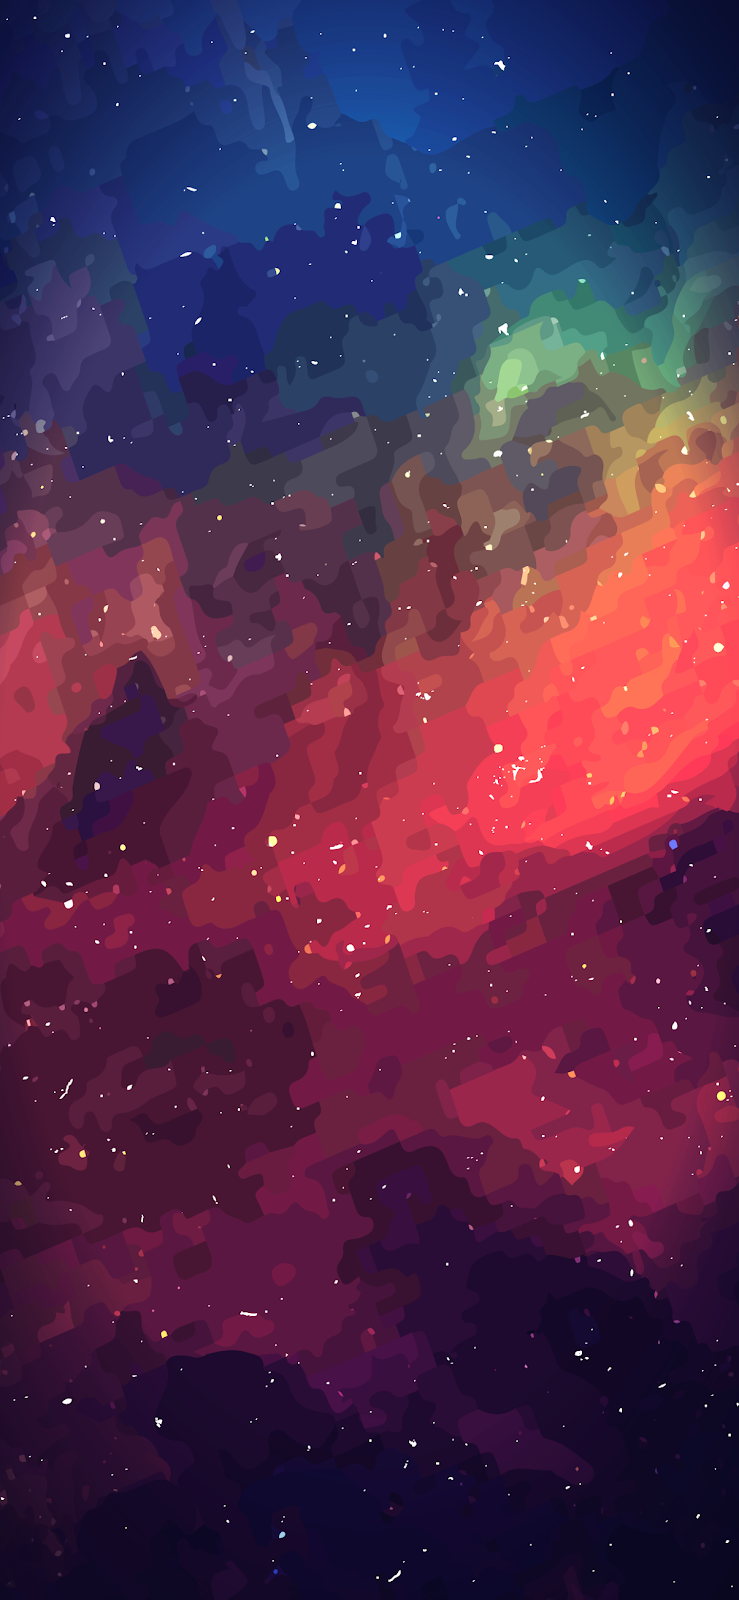 Space by EvgeniyZemelko (iPhone X/XS/XR/XSMAX) Mkbhd